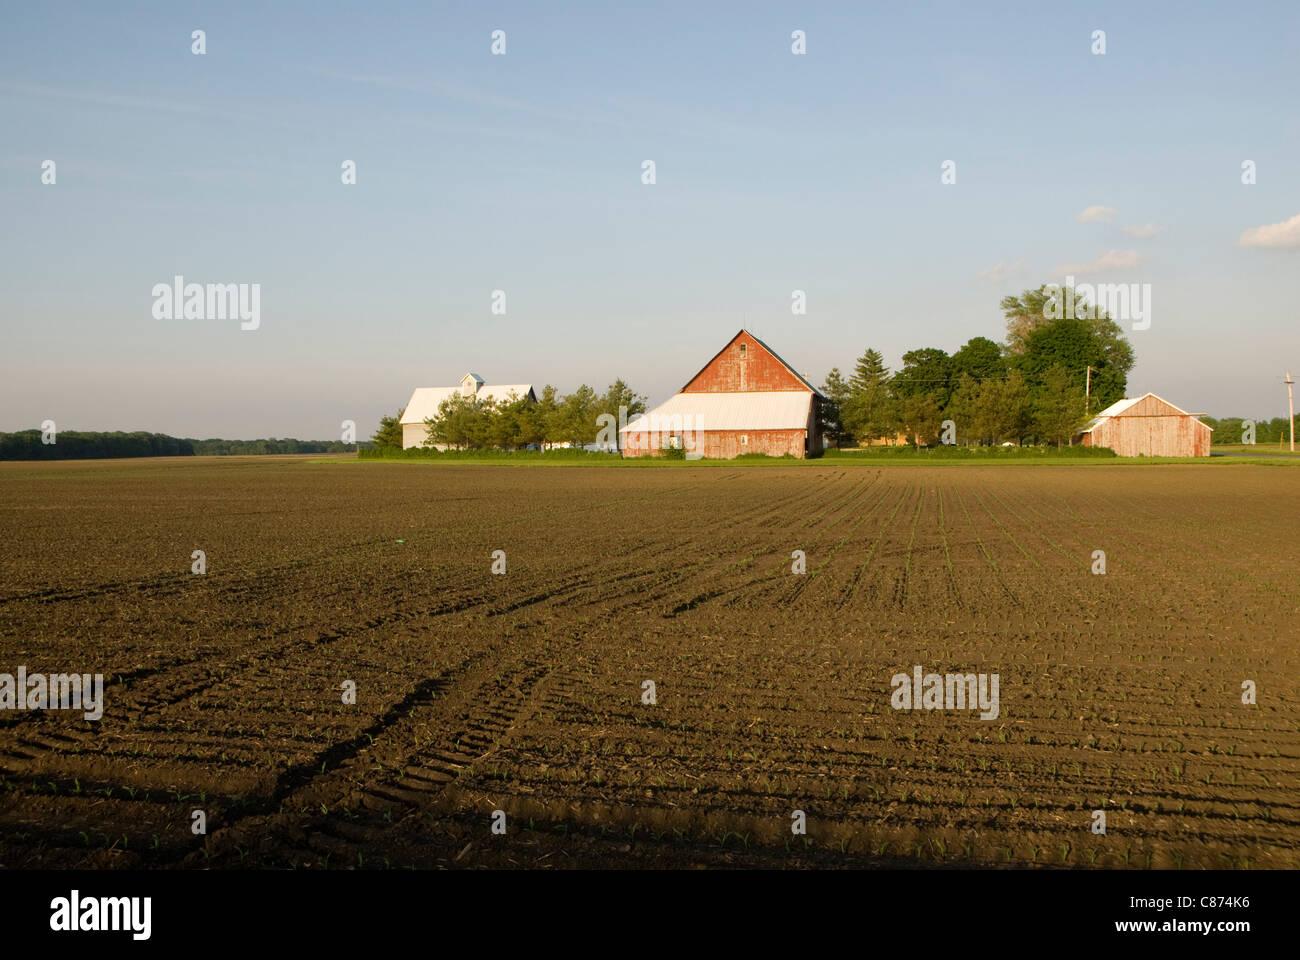 Los edificios de la granja y la pradera, cerca de Champaign Urbana, Illinois, EE.UU. Imagen De Stock